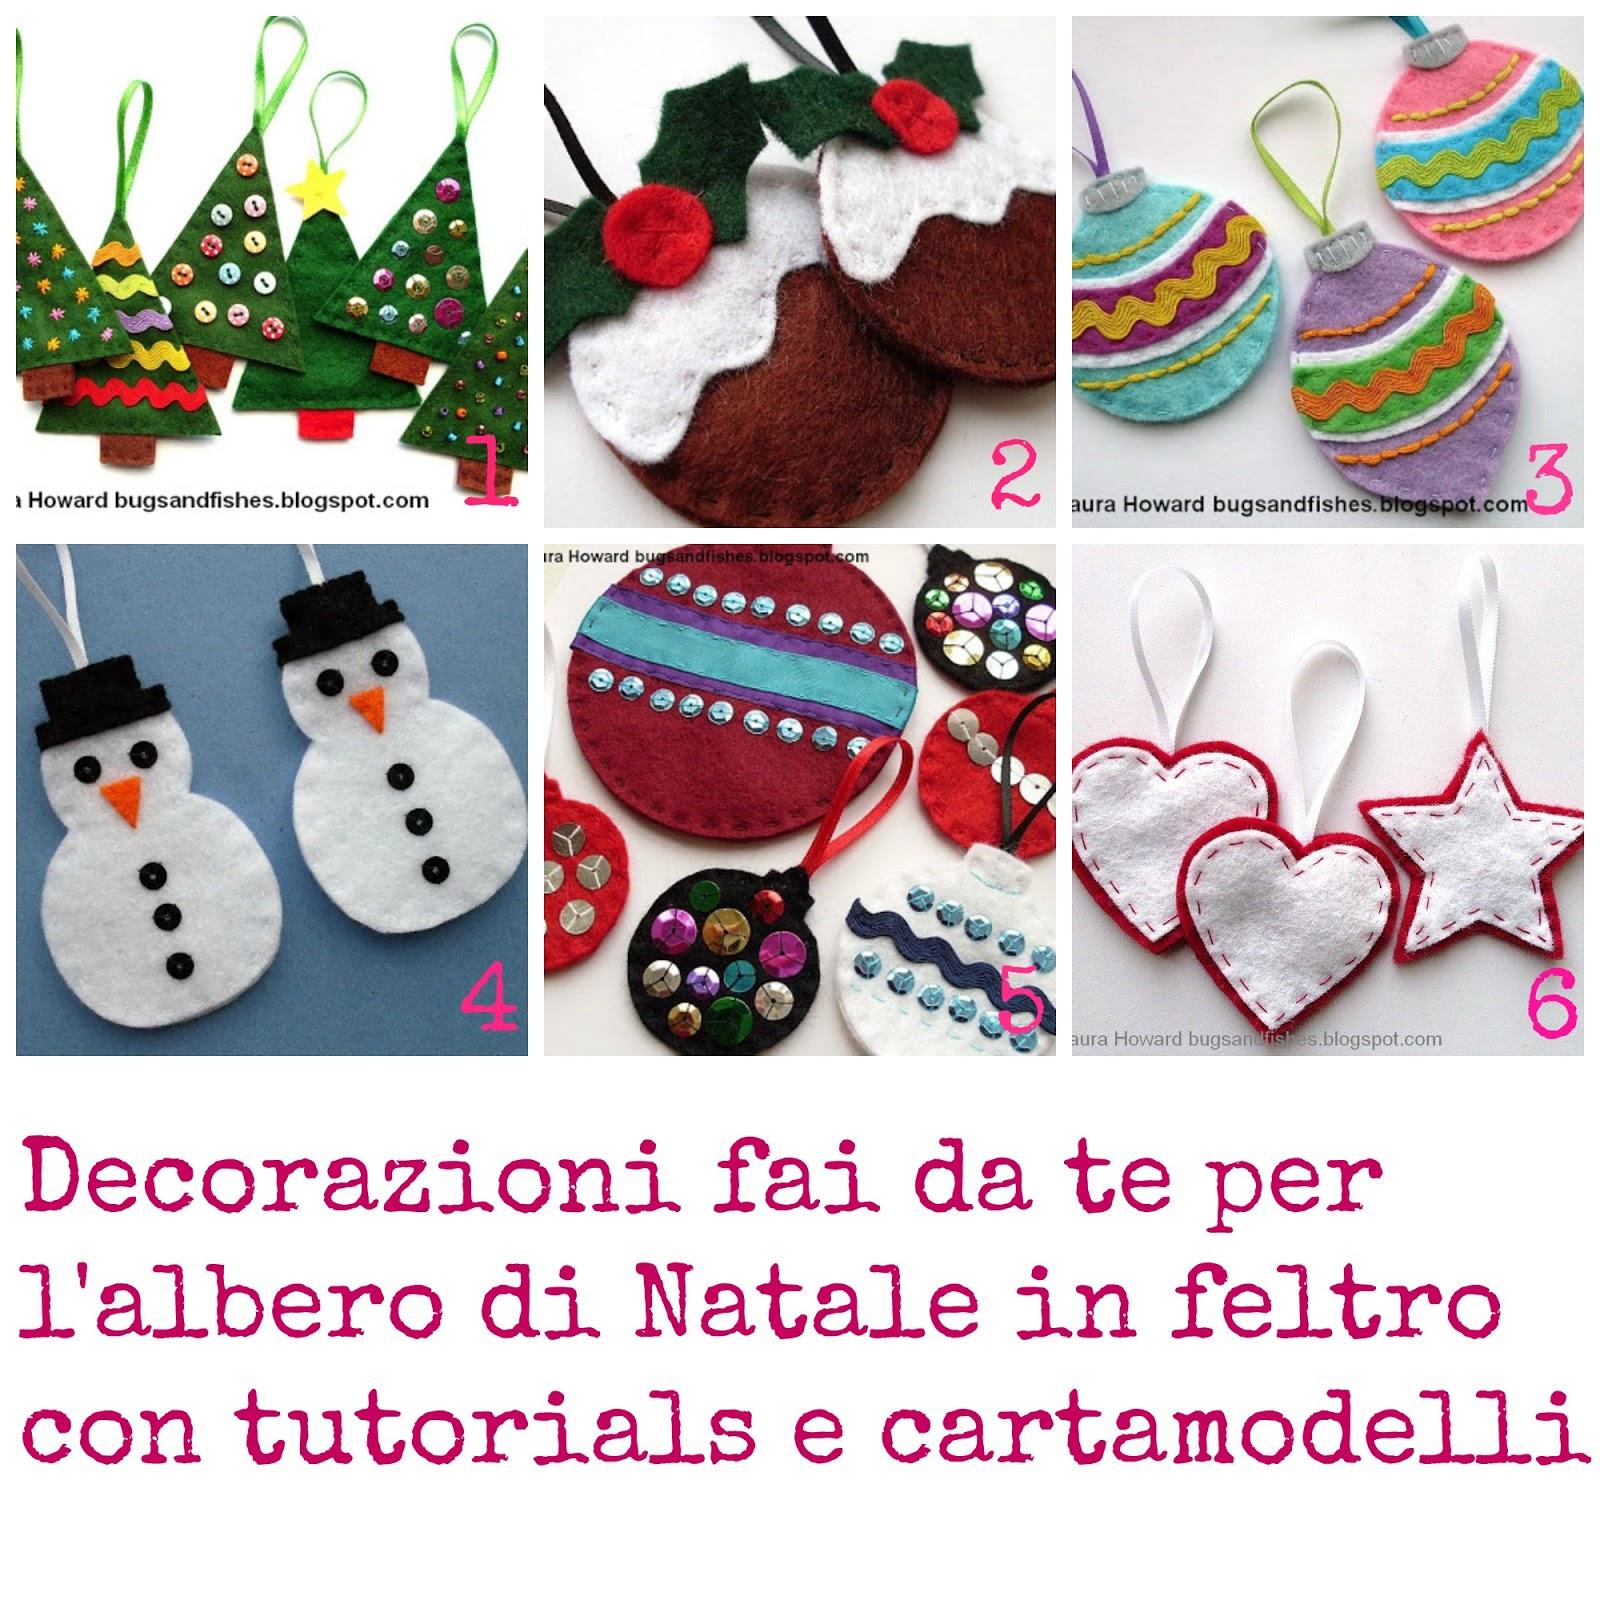 Cartamodelli Decorazioni Natalizie In Feltro.Decorazioni Fai Da Te Per L Albero Di Natale In Feltro Donneinpink